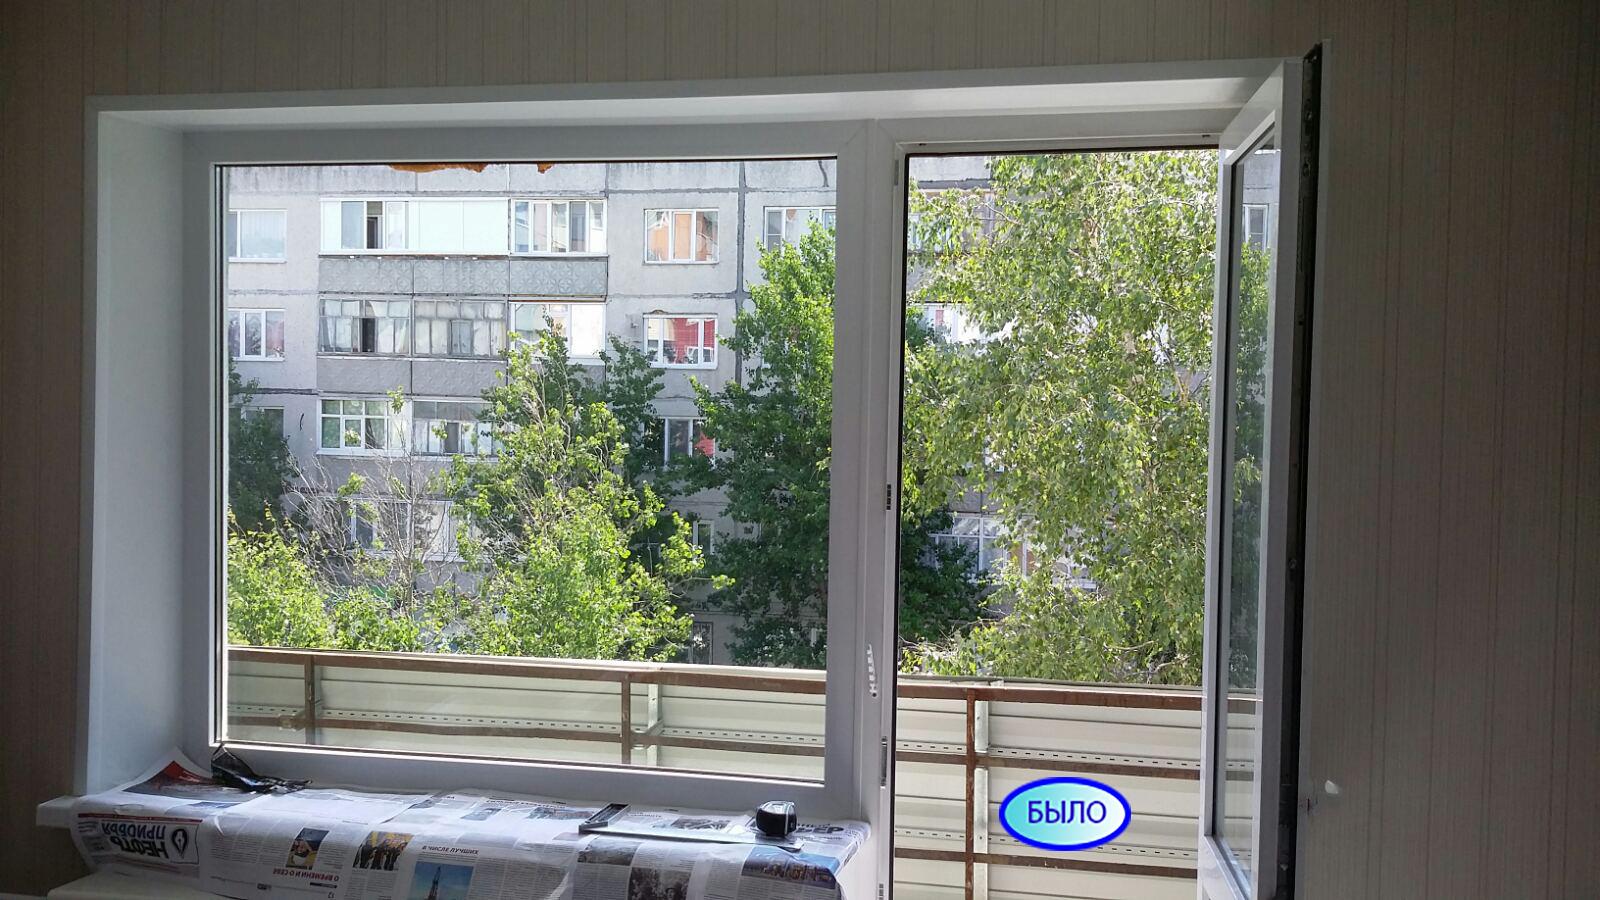 ул. Энергетиков 15 Установка пластиковых окон на балконе Фото 3